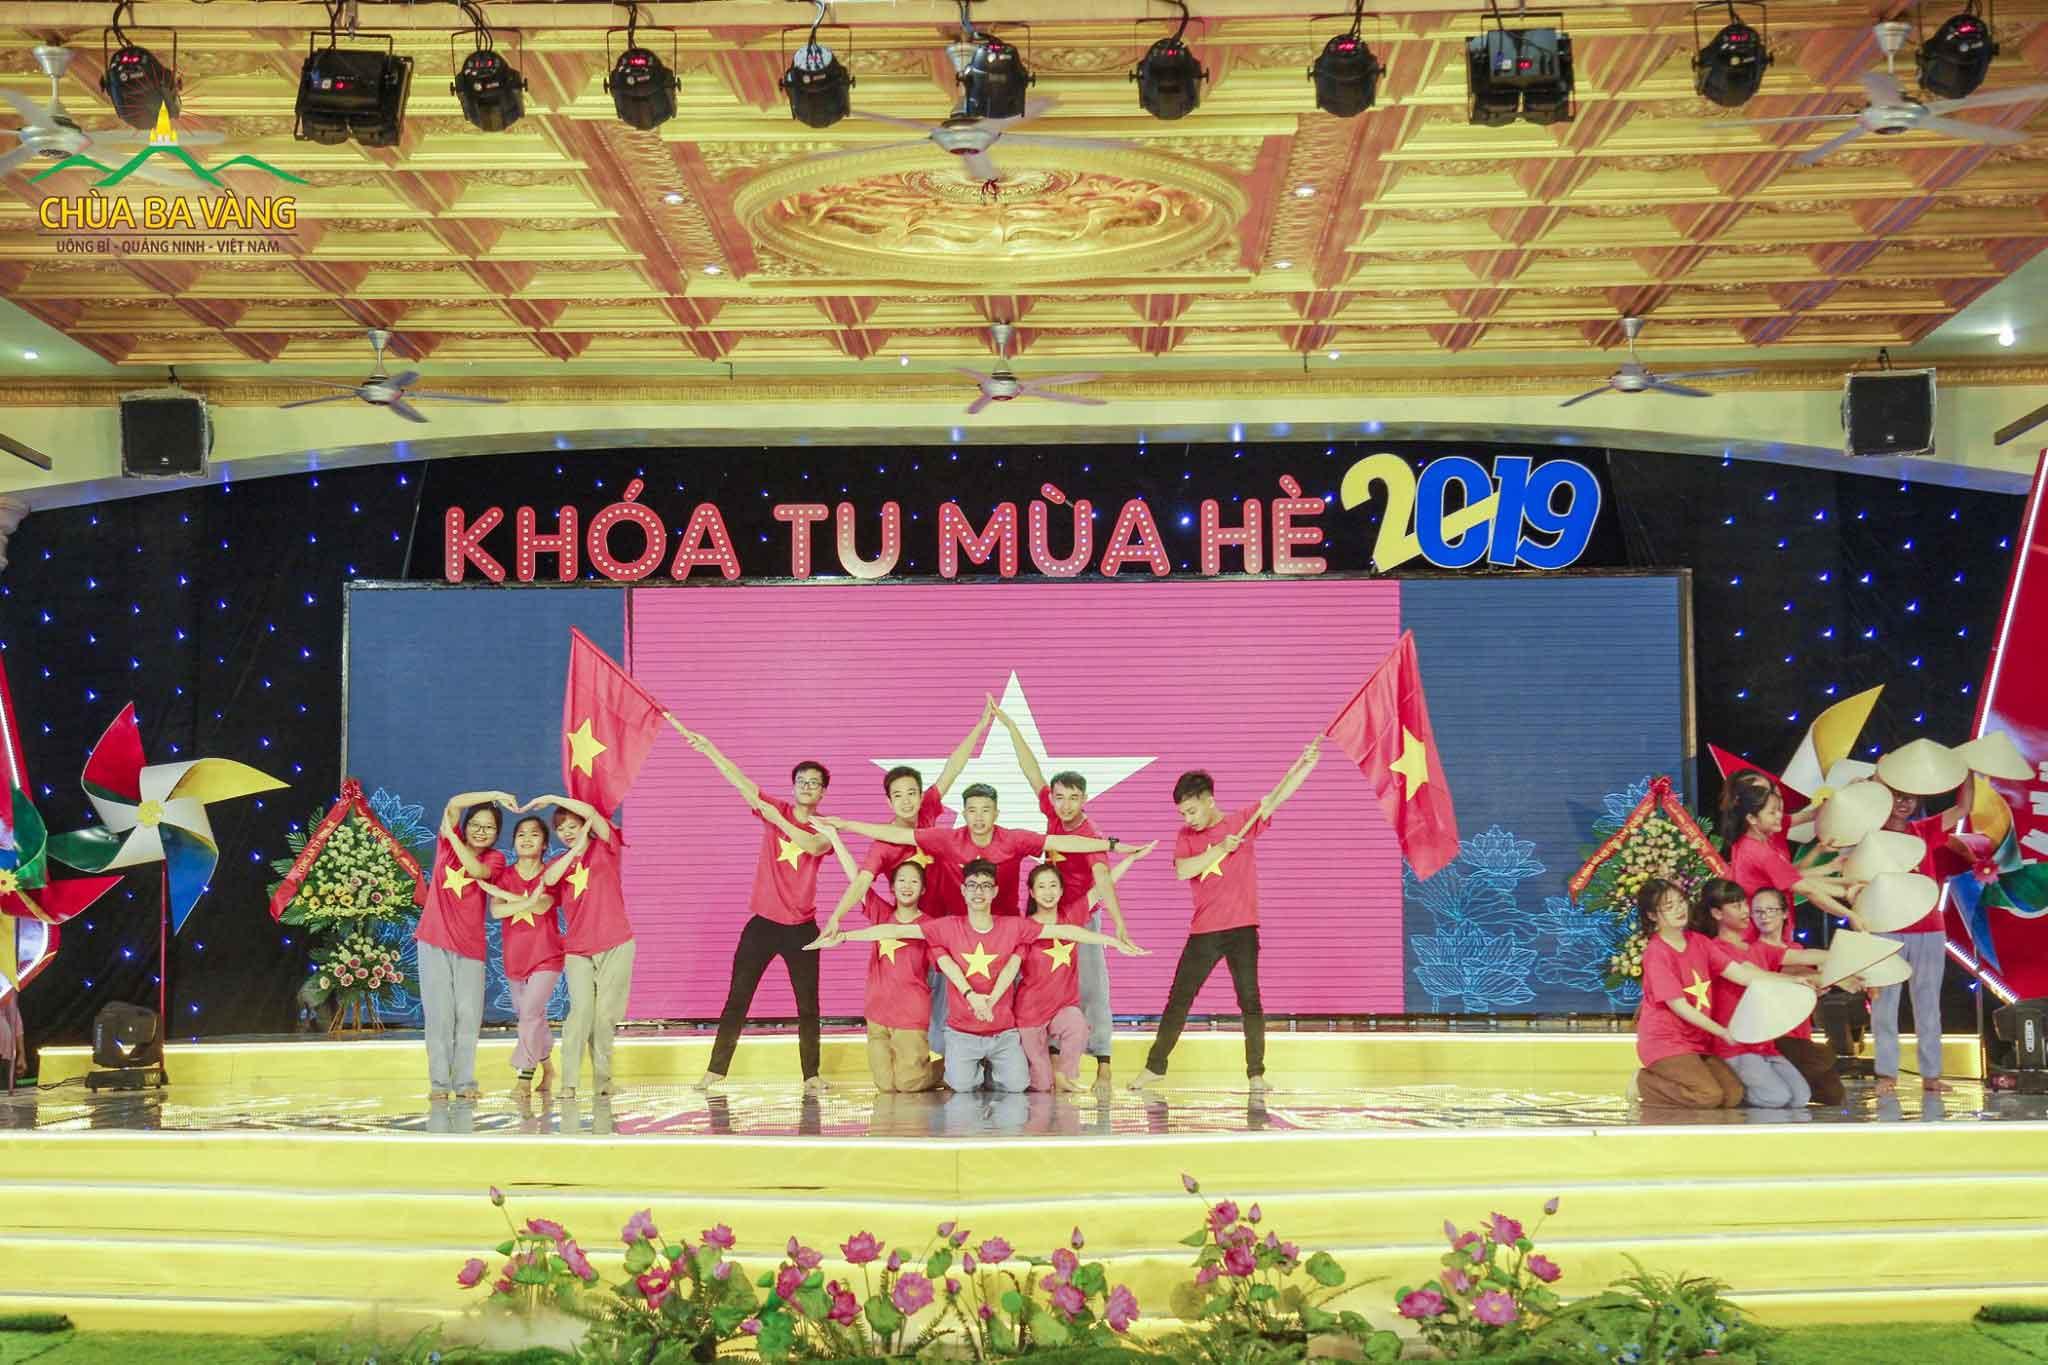 Khóa tu mùa hè chùa Ba Vàng là sân chơi để các bạn trẻ thể hiện tài năng và đam mê